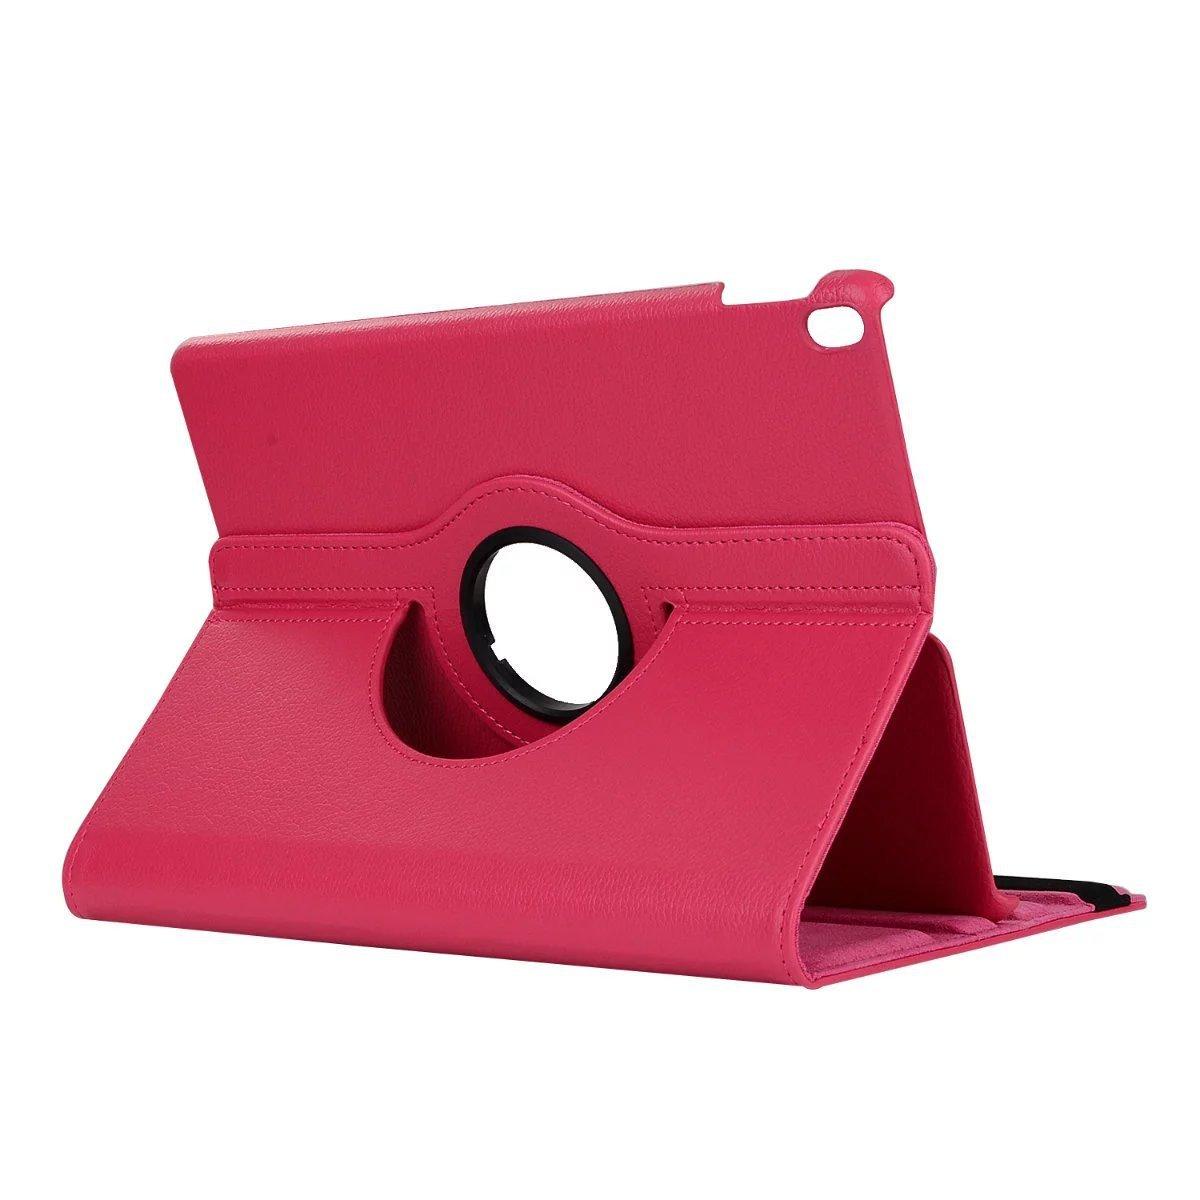 iPad mini4 2019年型 ケース (ピンク色) mini5 合革レザー mini4 360回転 スタンドケース 耐衝撃多角度 シンプル アイパッド保護カバー_画像4